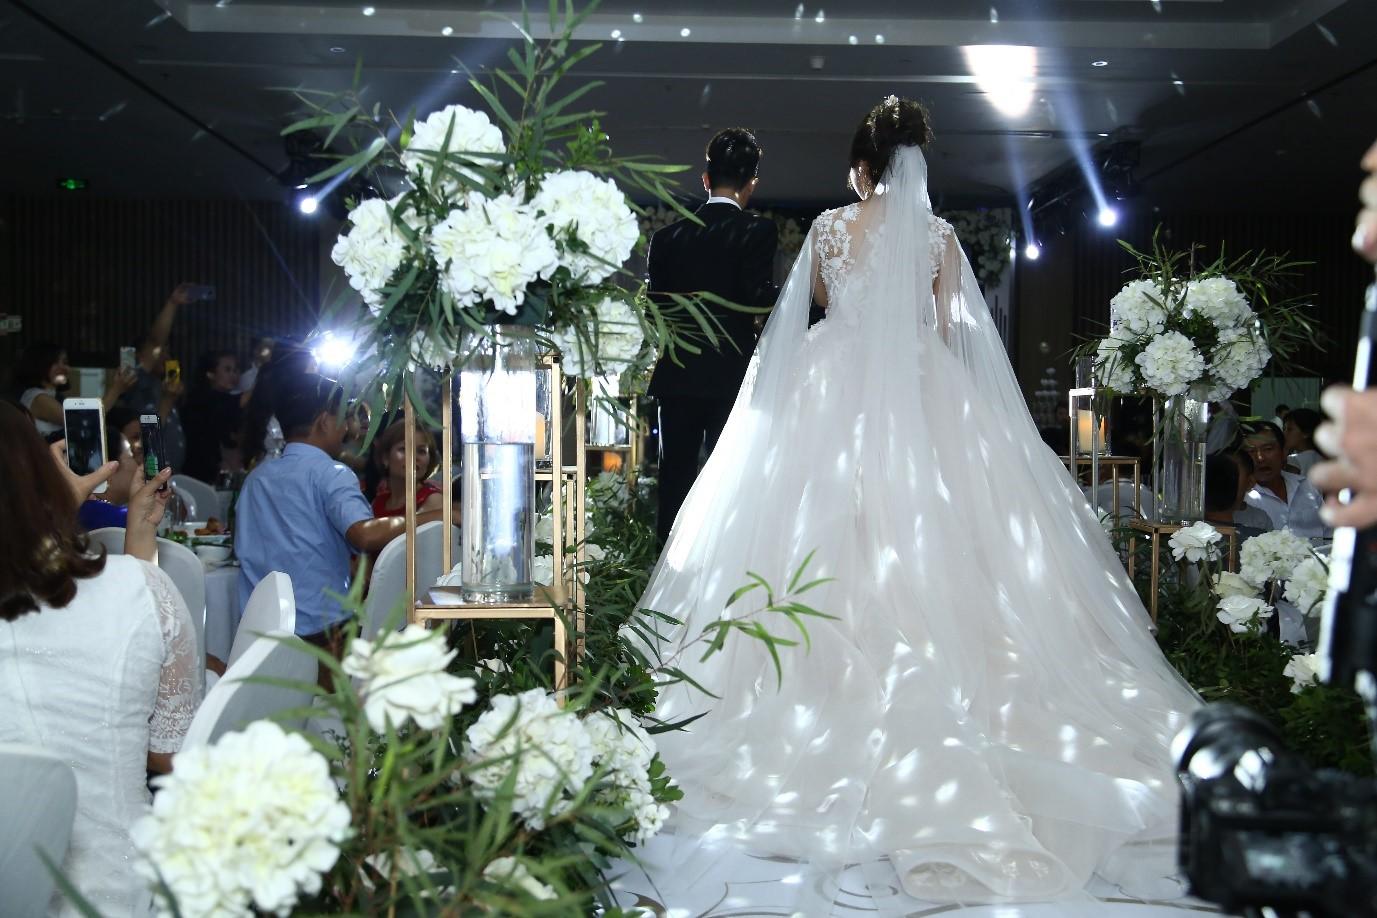 Truy tìm chủ nhân của chiếc váy 25.000 USD được cư dân chia sẻ trong suốt tuần vừa qua  - Ảnh 10